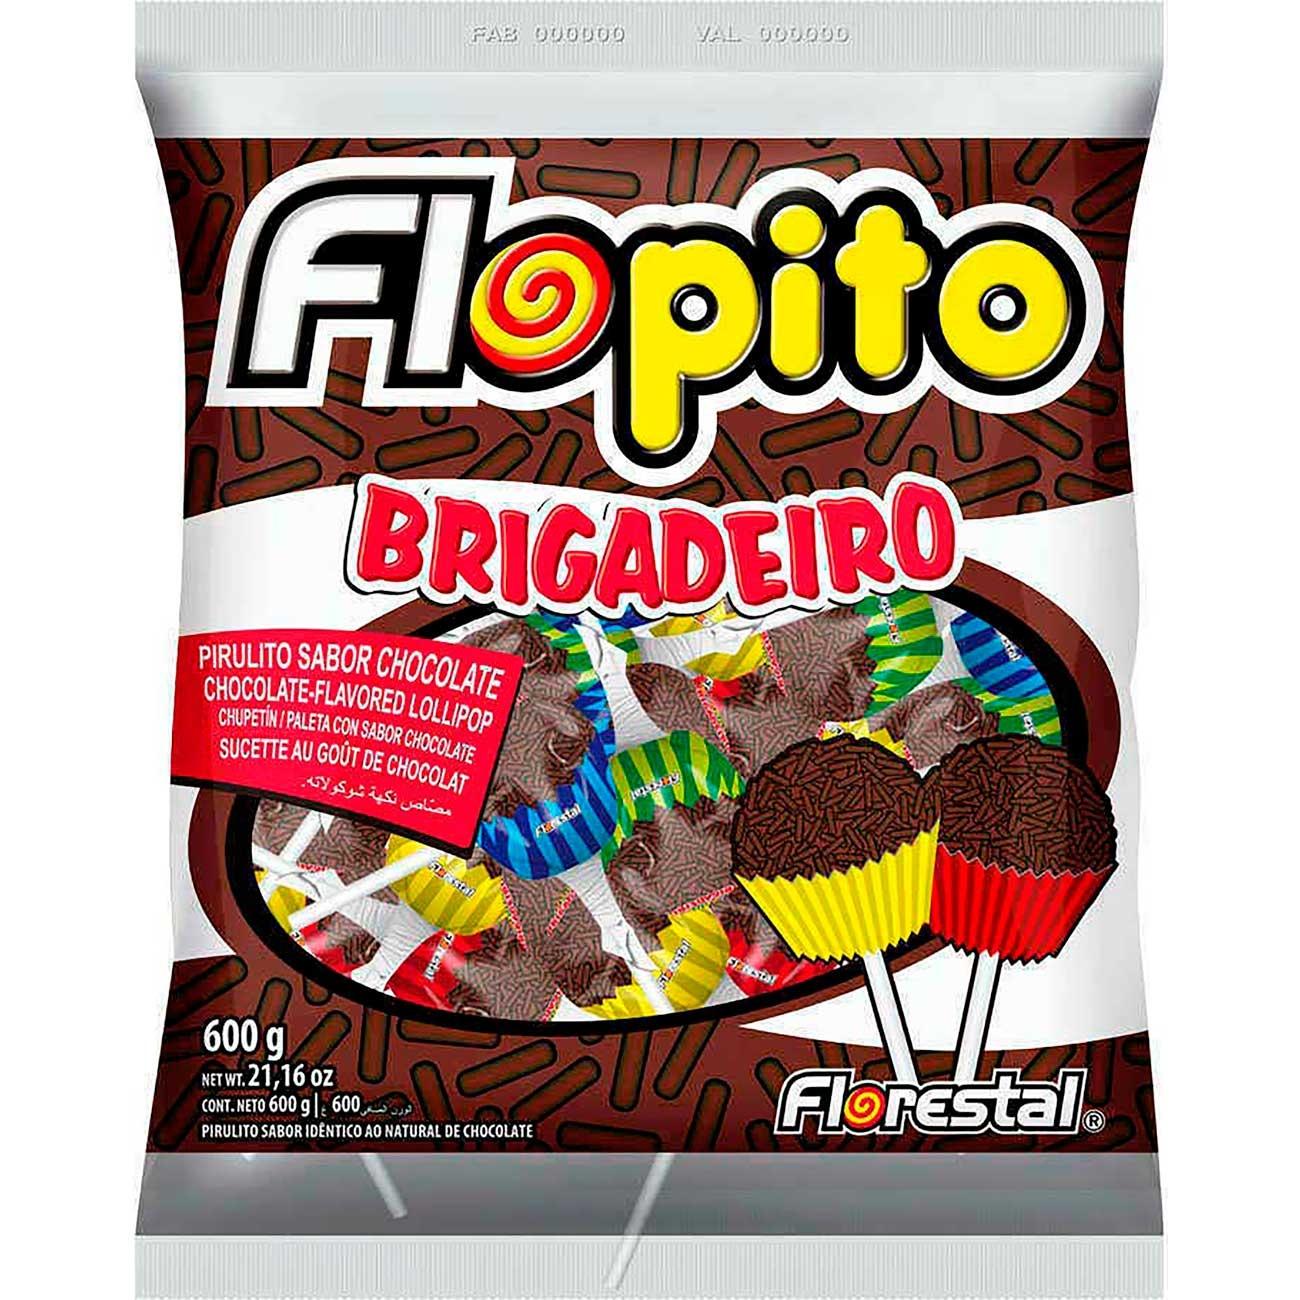 Pirulito Flopito Brigadeiro 600g | Caixa com 50 unidades